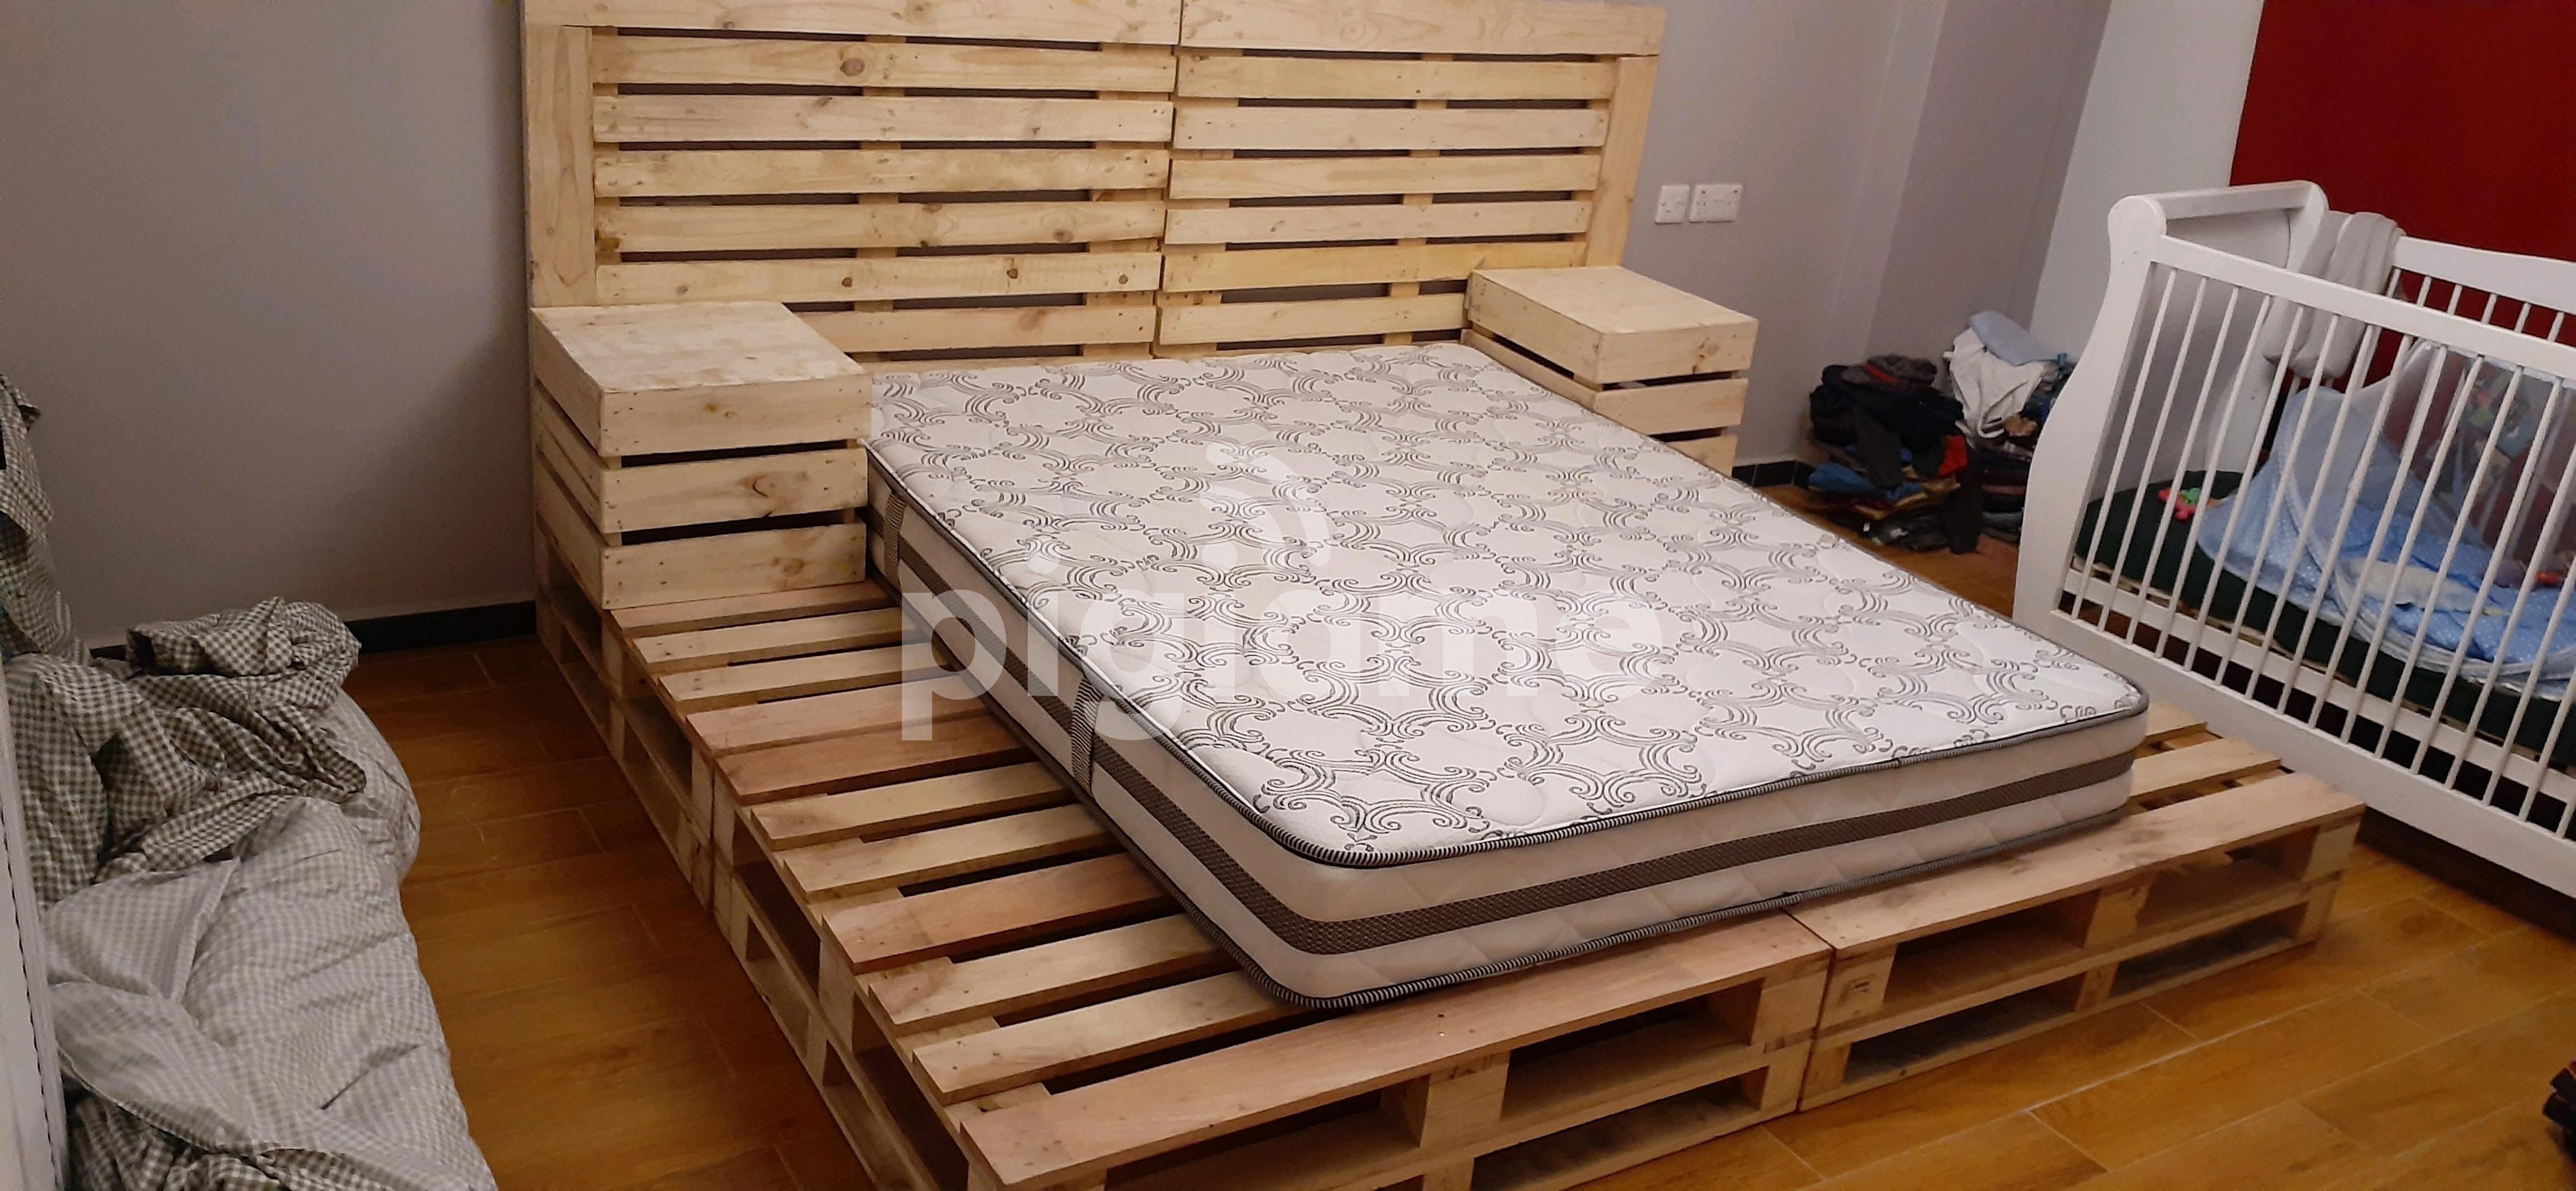 Elegant Pallet Bed Pallet Bed King Size Bed Pallet Furniture In Nairobi Pigiame